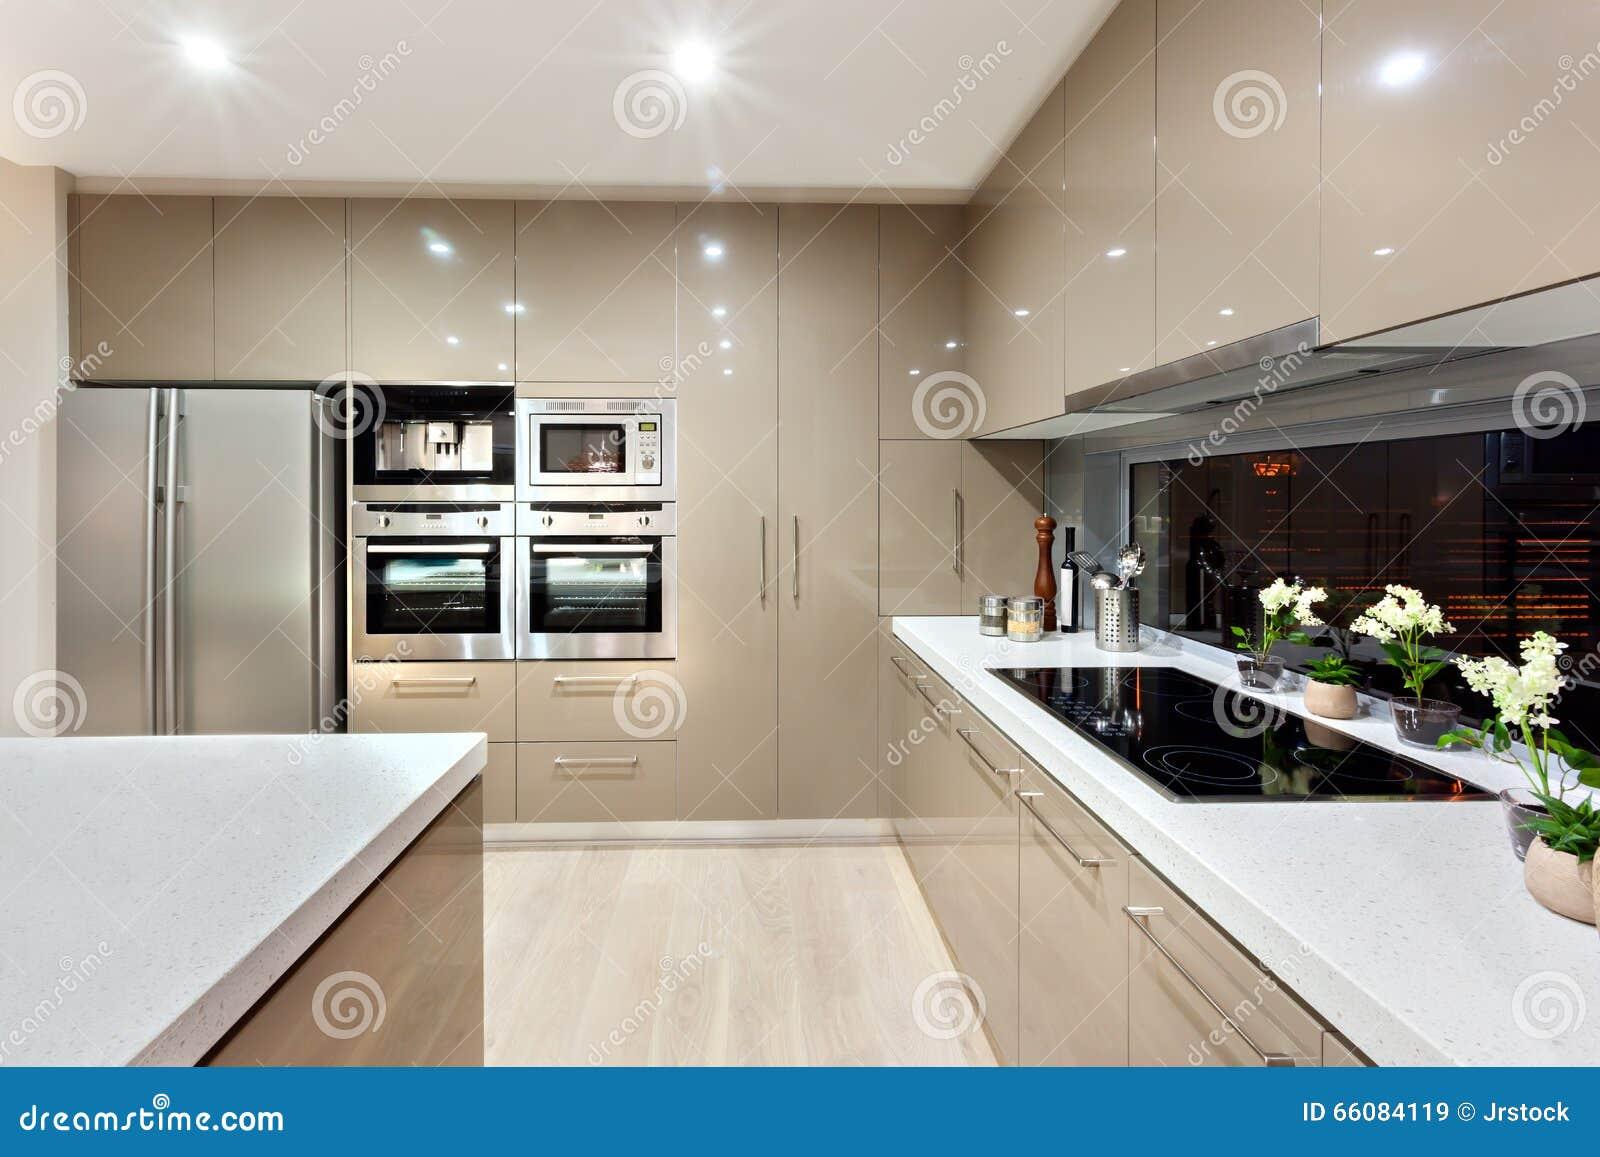 Interno della cucina moderna in una casa di lusso immagine for Interno di una casa